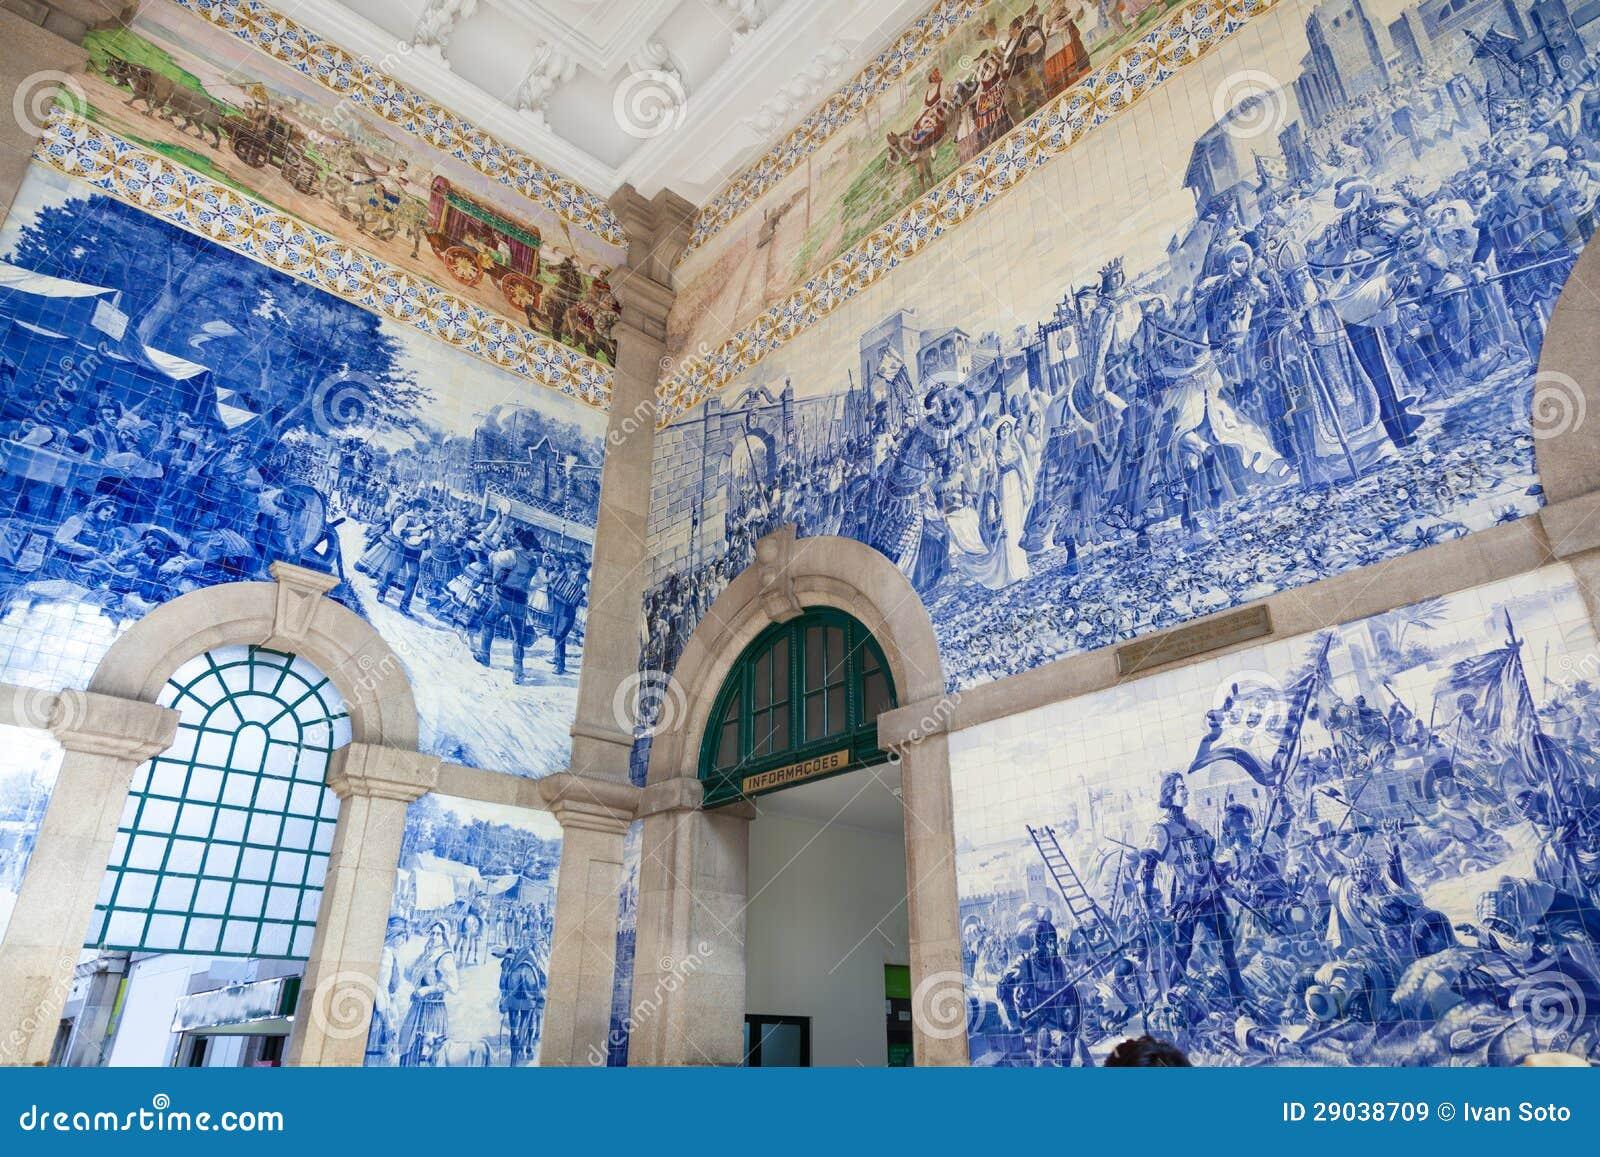 De zaal van het station van Porto, Portugal.